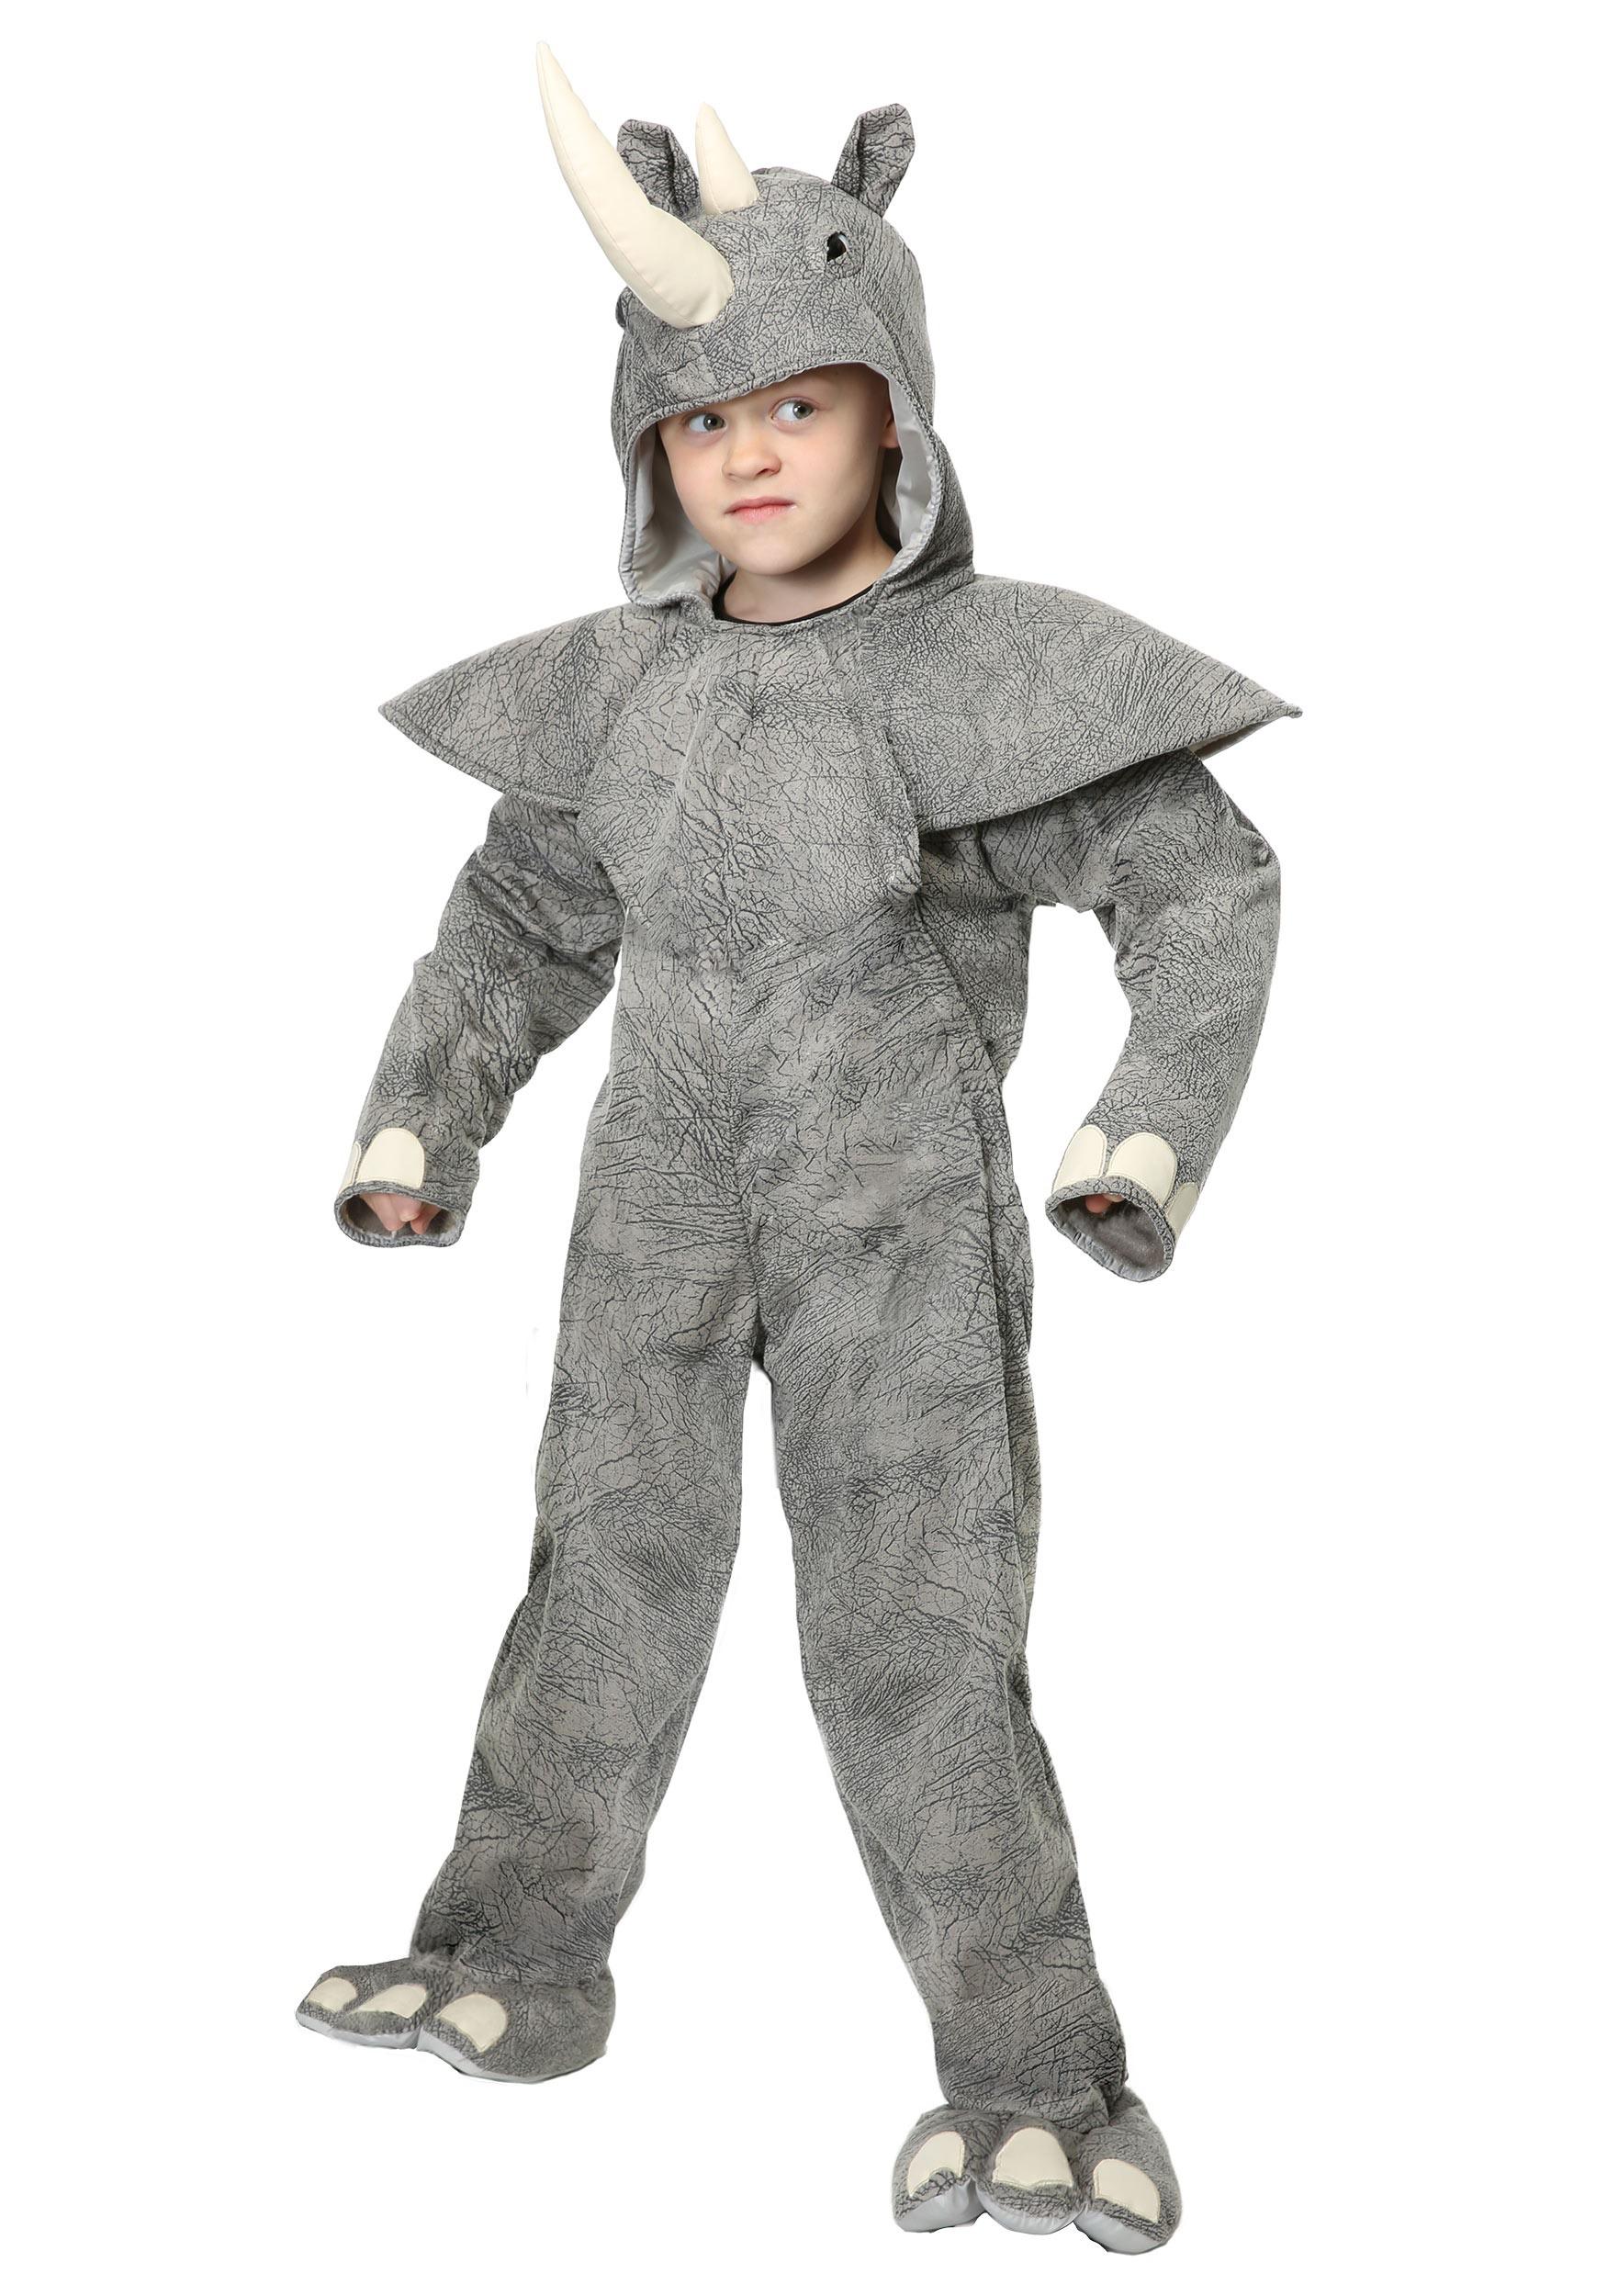 Rhino Costume for Kids